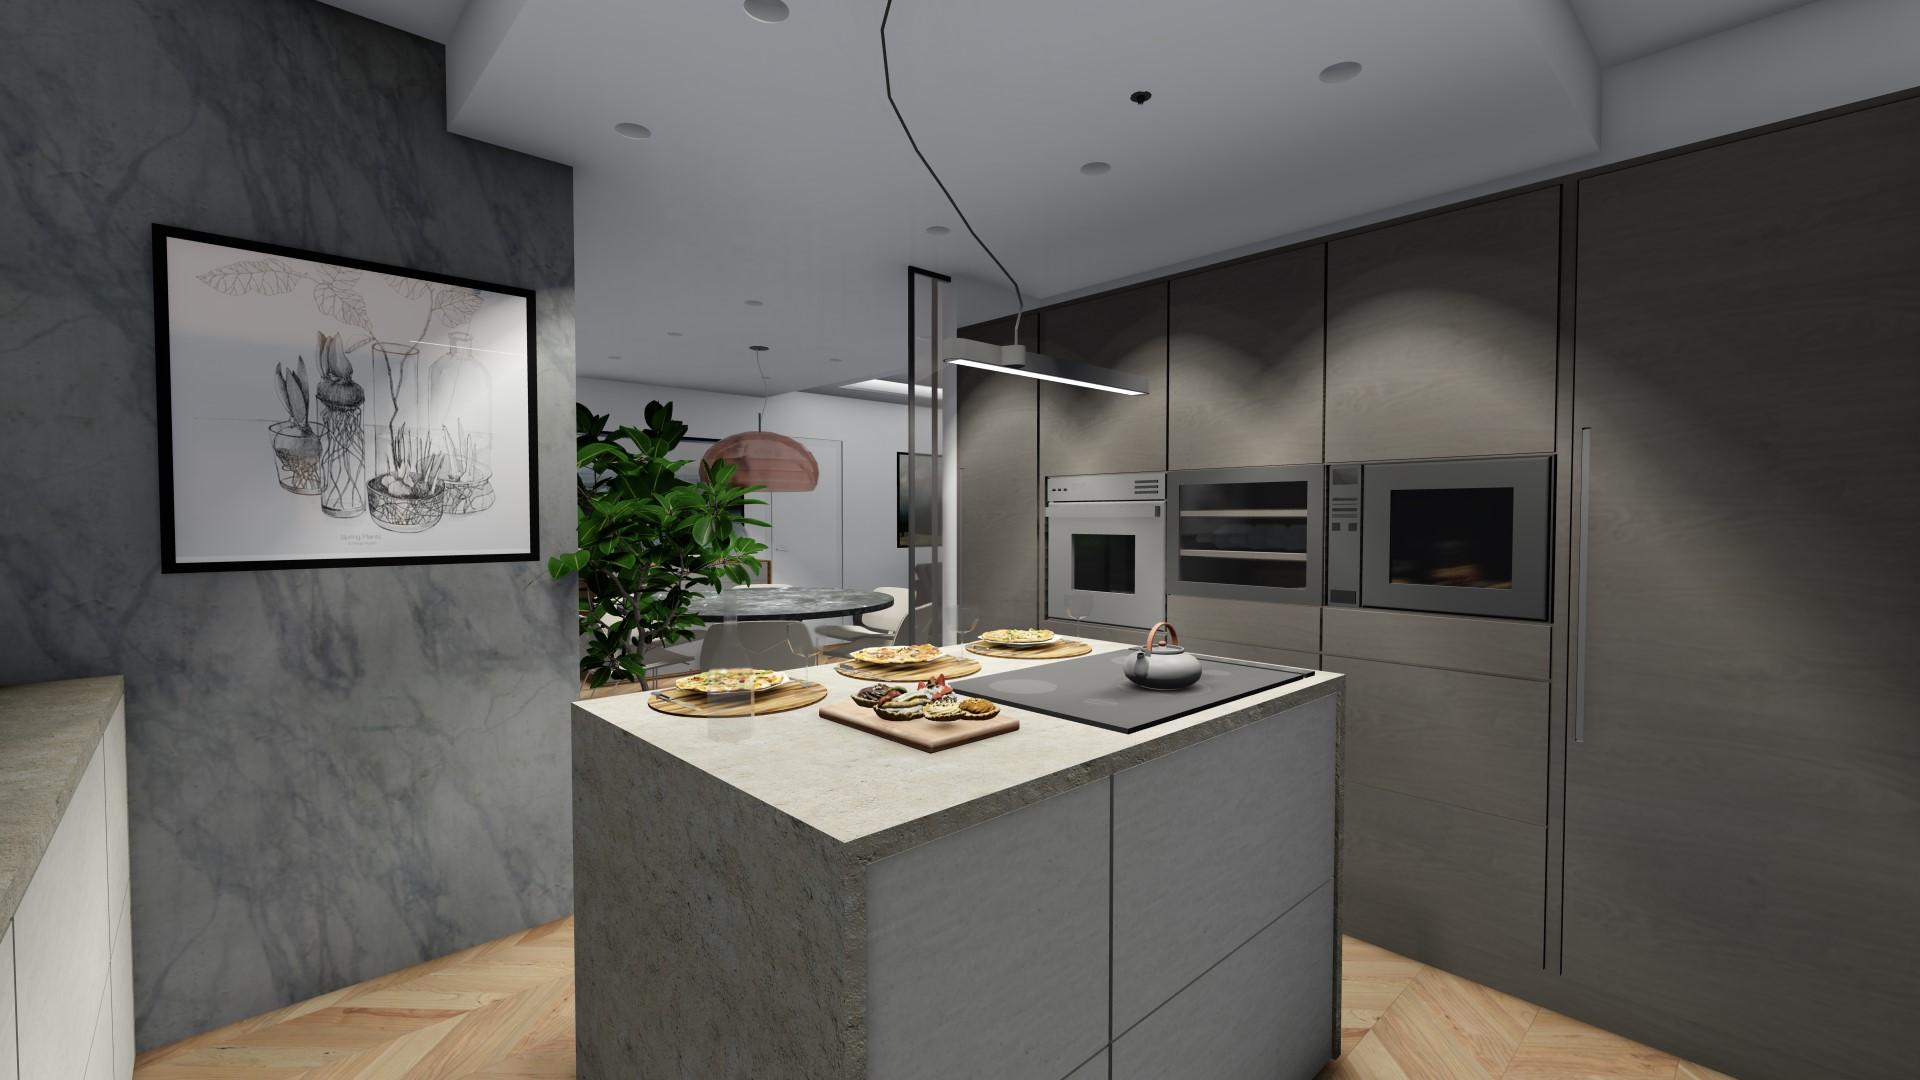 attico in vendita Treviglio - cucina abitabile